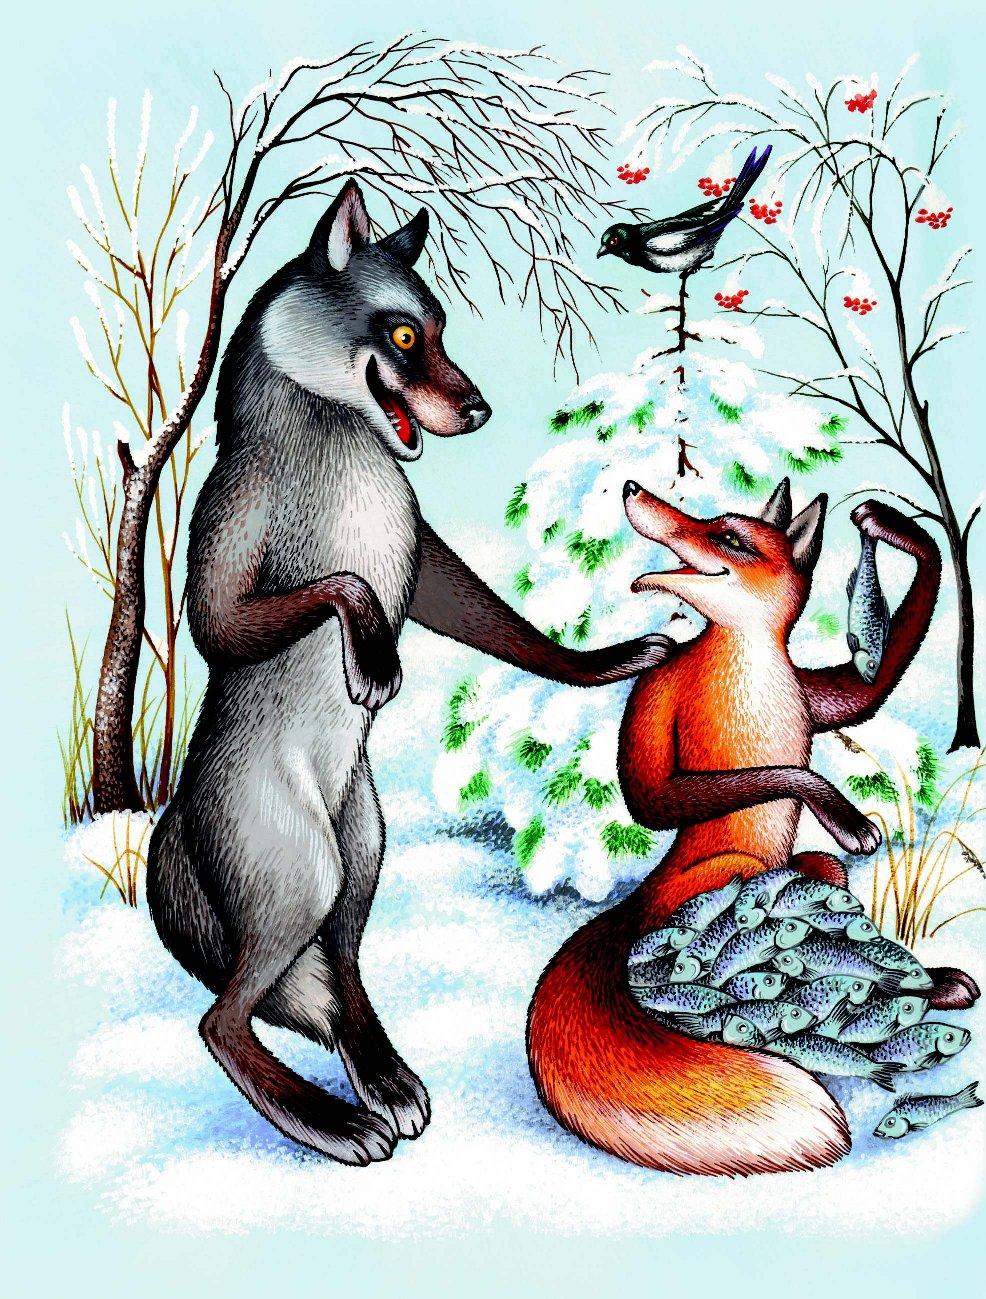 Сказка лиса и волк в картинках для детей, для картинок надписями